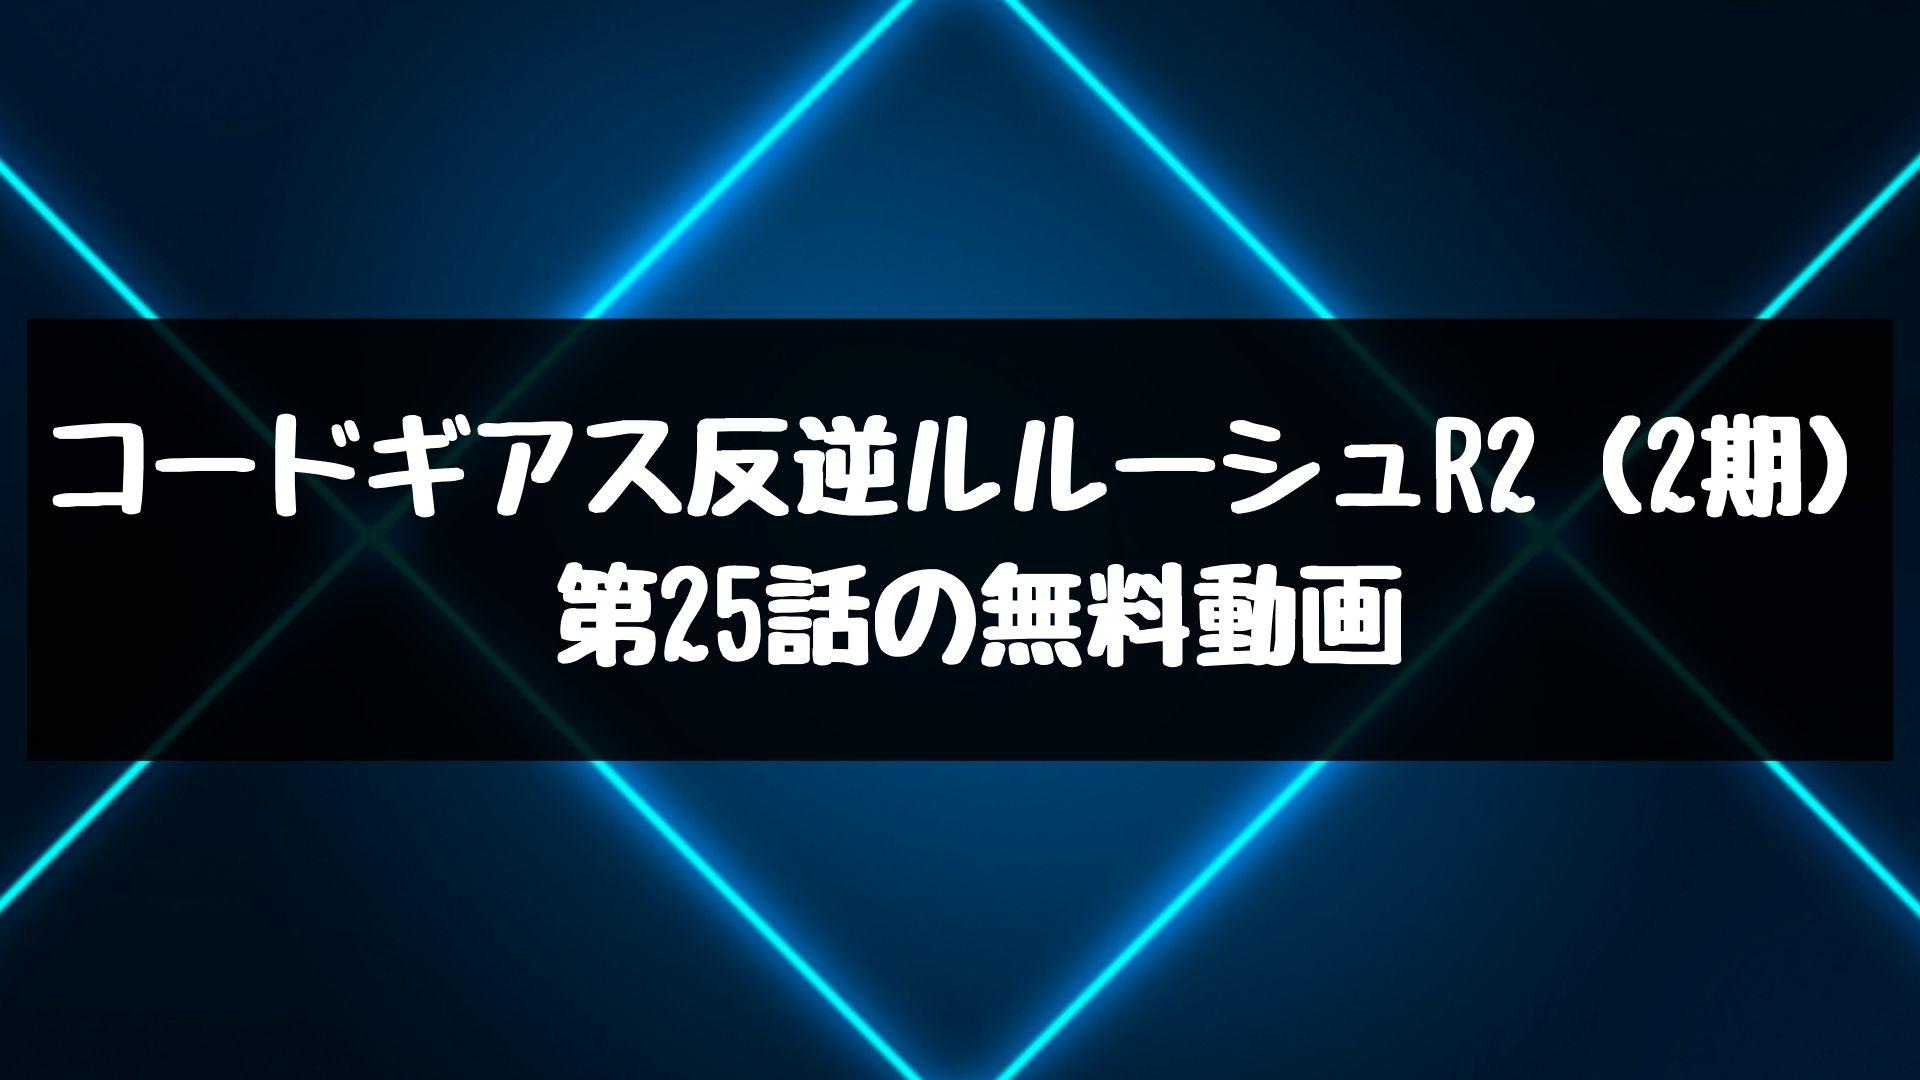 コードギアス反逆ルルーシュR2(2期) 第25話(最終回)の無料動画